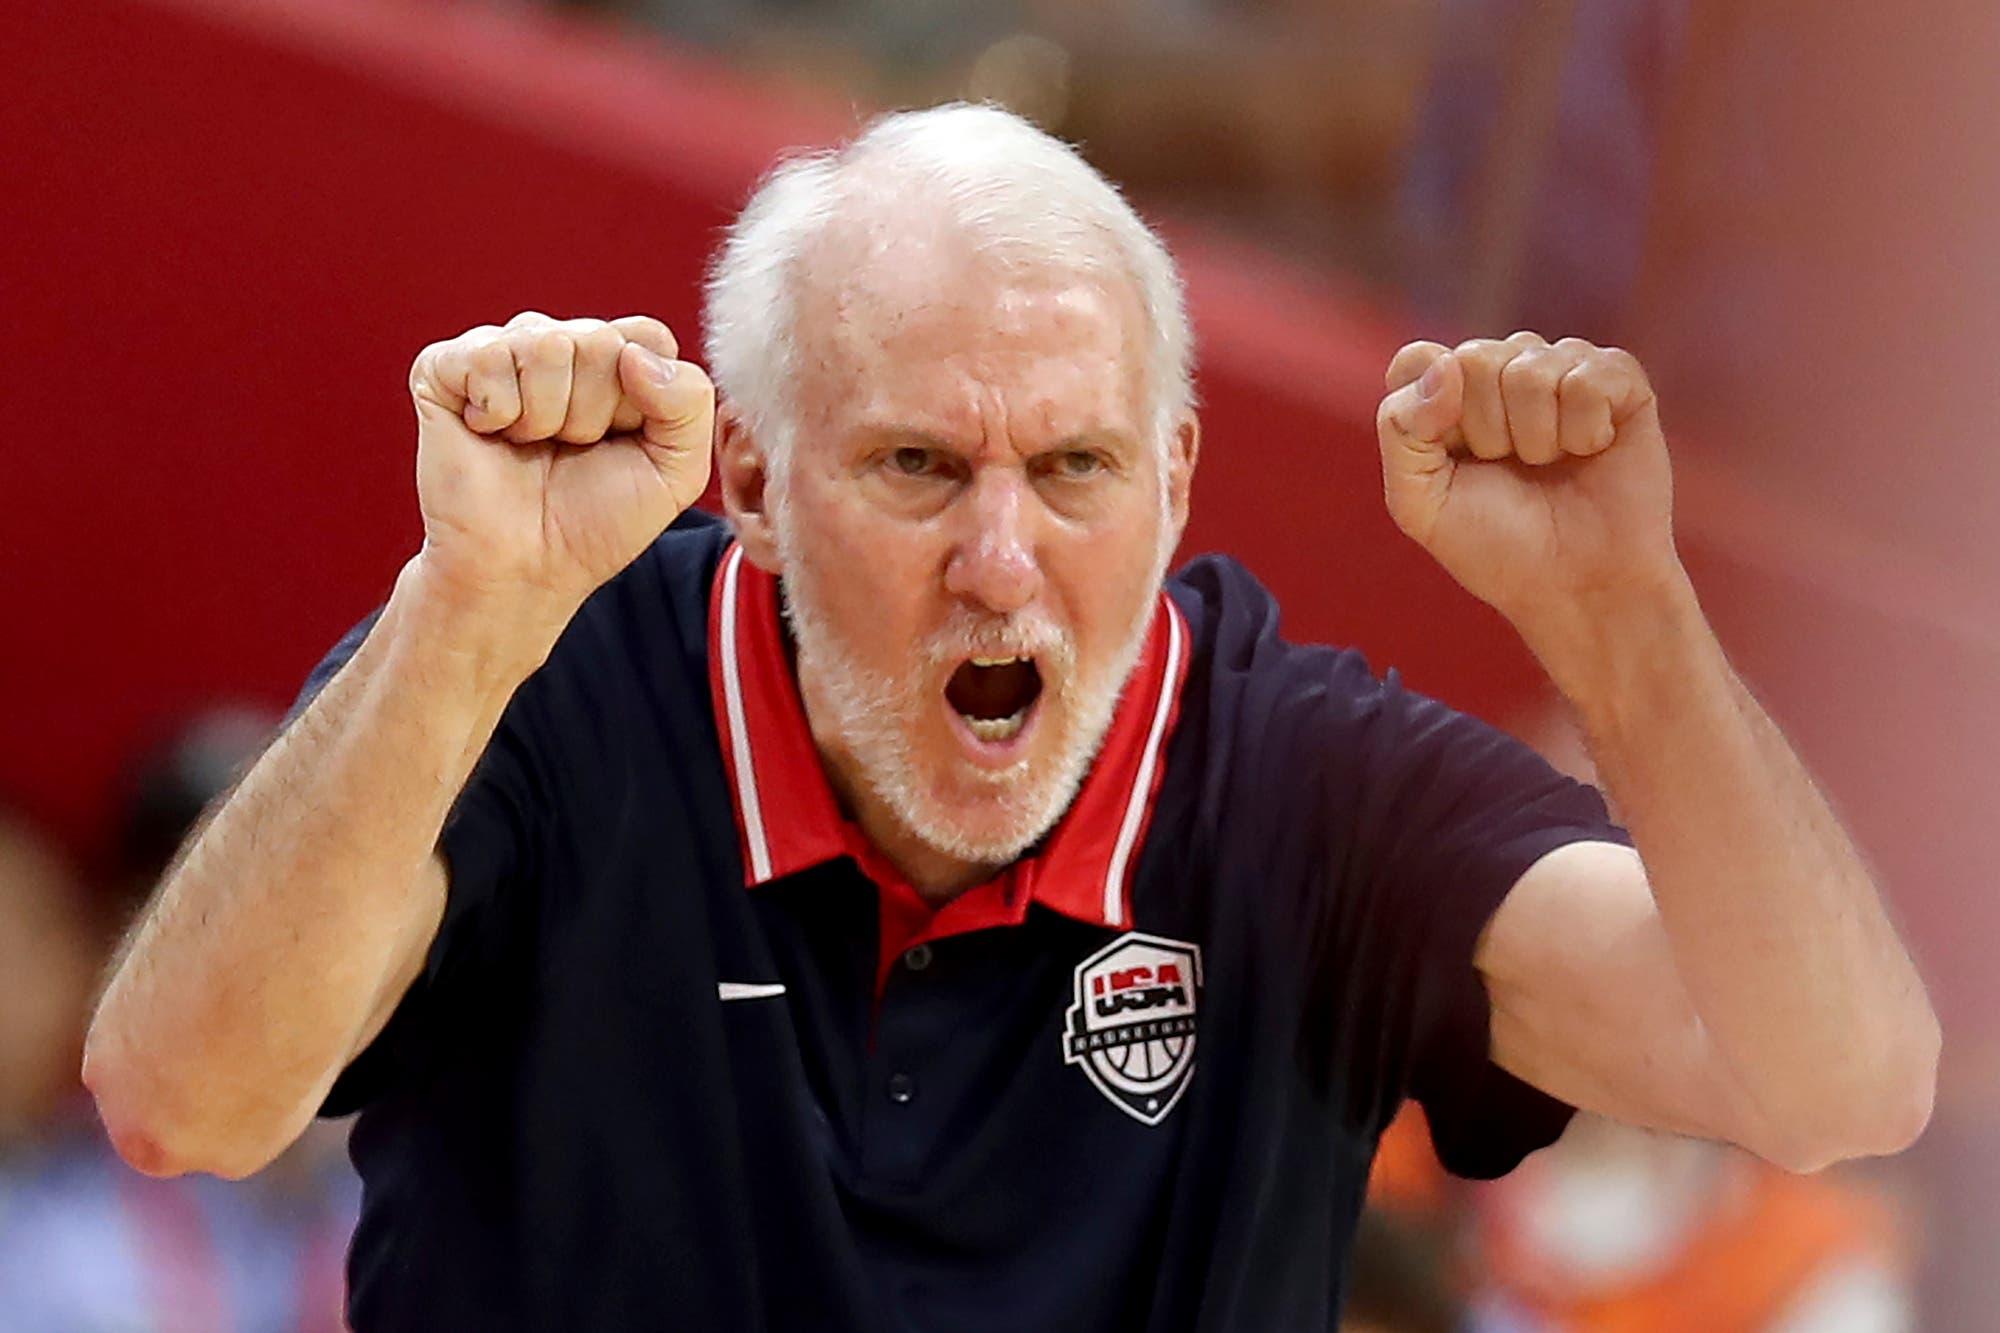 Mundial de básquet. La molestia de Popovich por una pregunta sobre las estrellas ausentes tras la eliminación de Estados Unidos